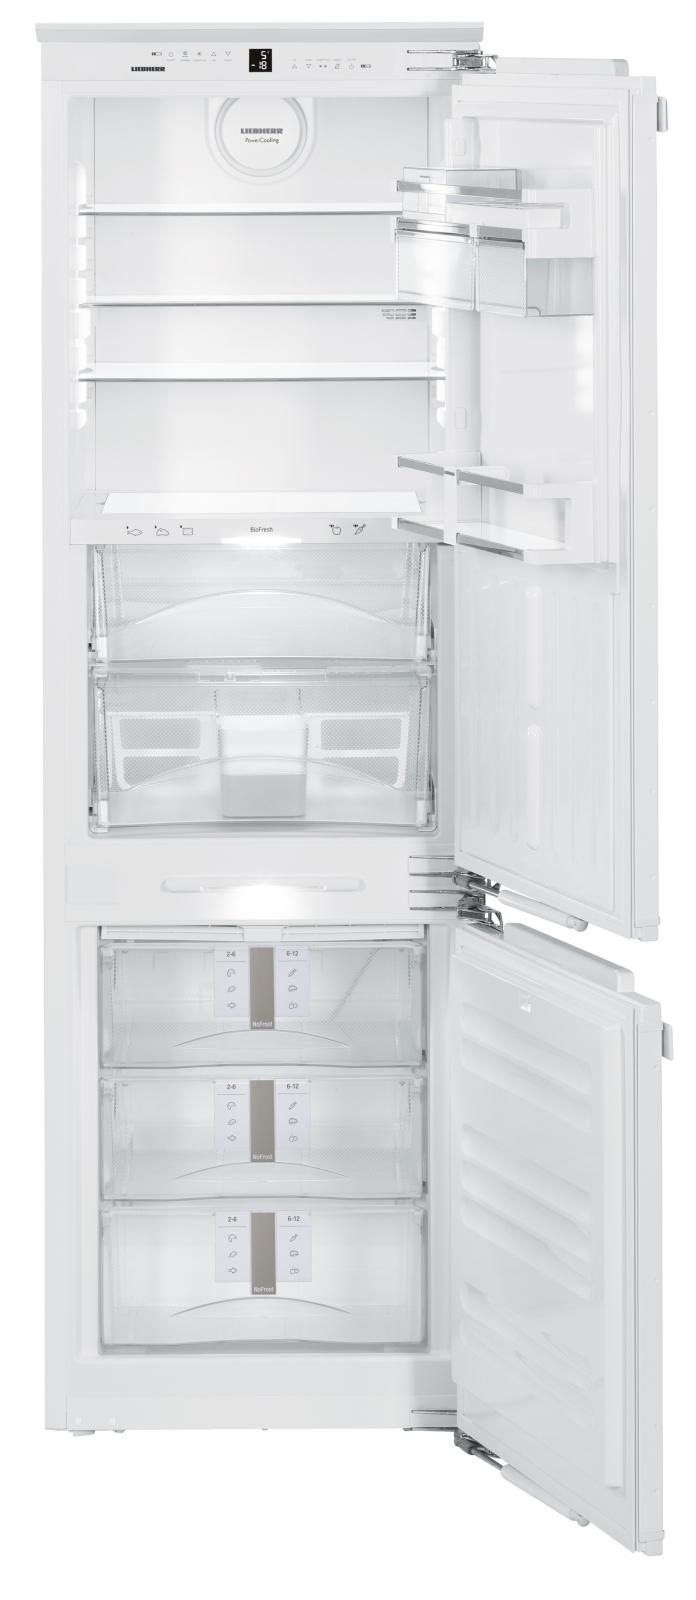 купить Встраиваемый двухкамерный холодильник Liebherr ICBN 3376 Украина фото 1